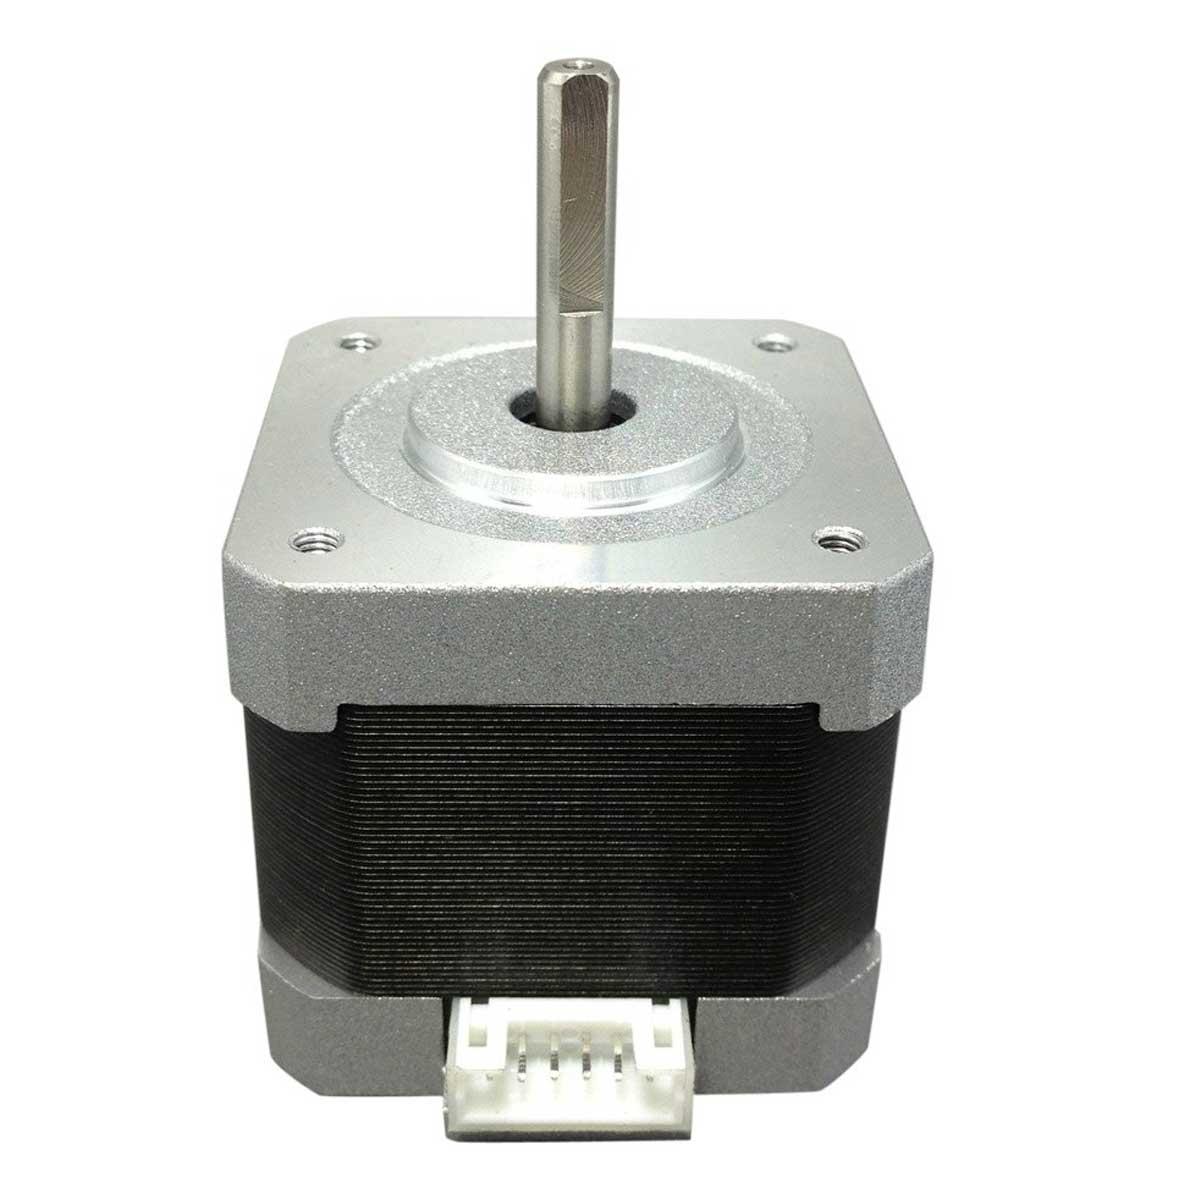 Motor De Passo Nema 17 JK42HS40-1704 4kgf.cm para CNC Impressora 3D